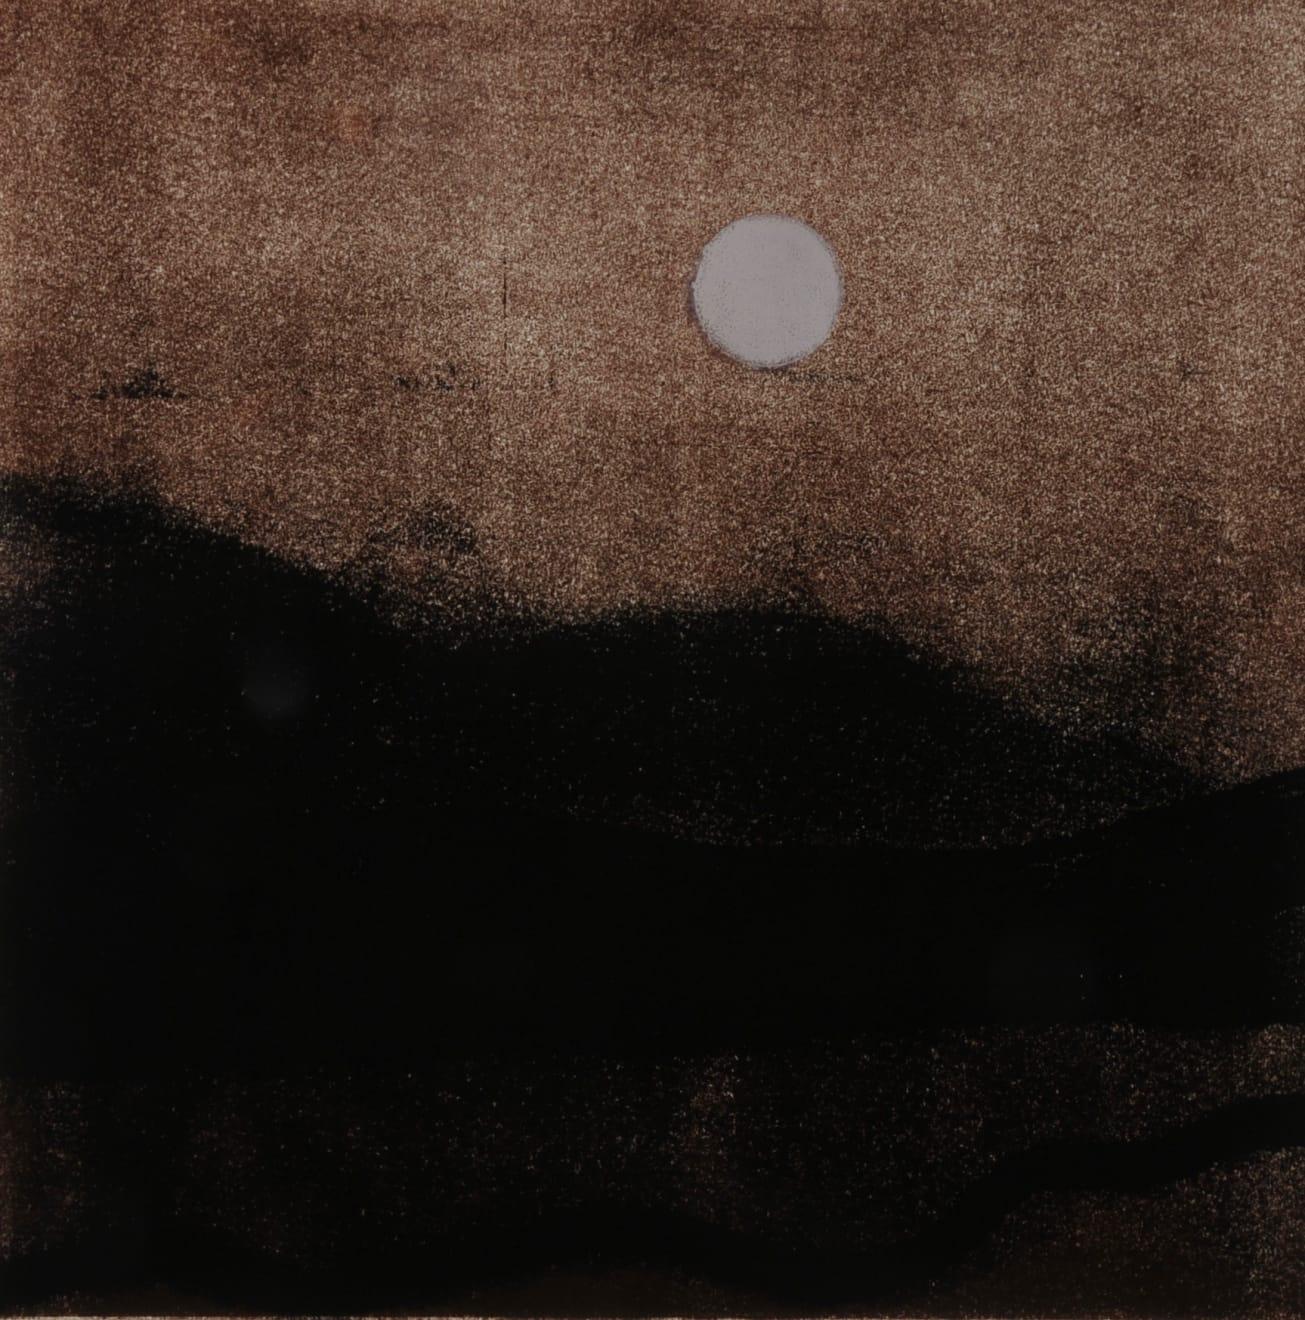 Nigel Swift, Silver Moon, 2020